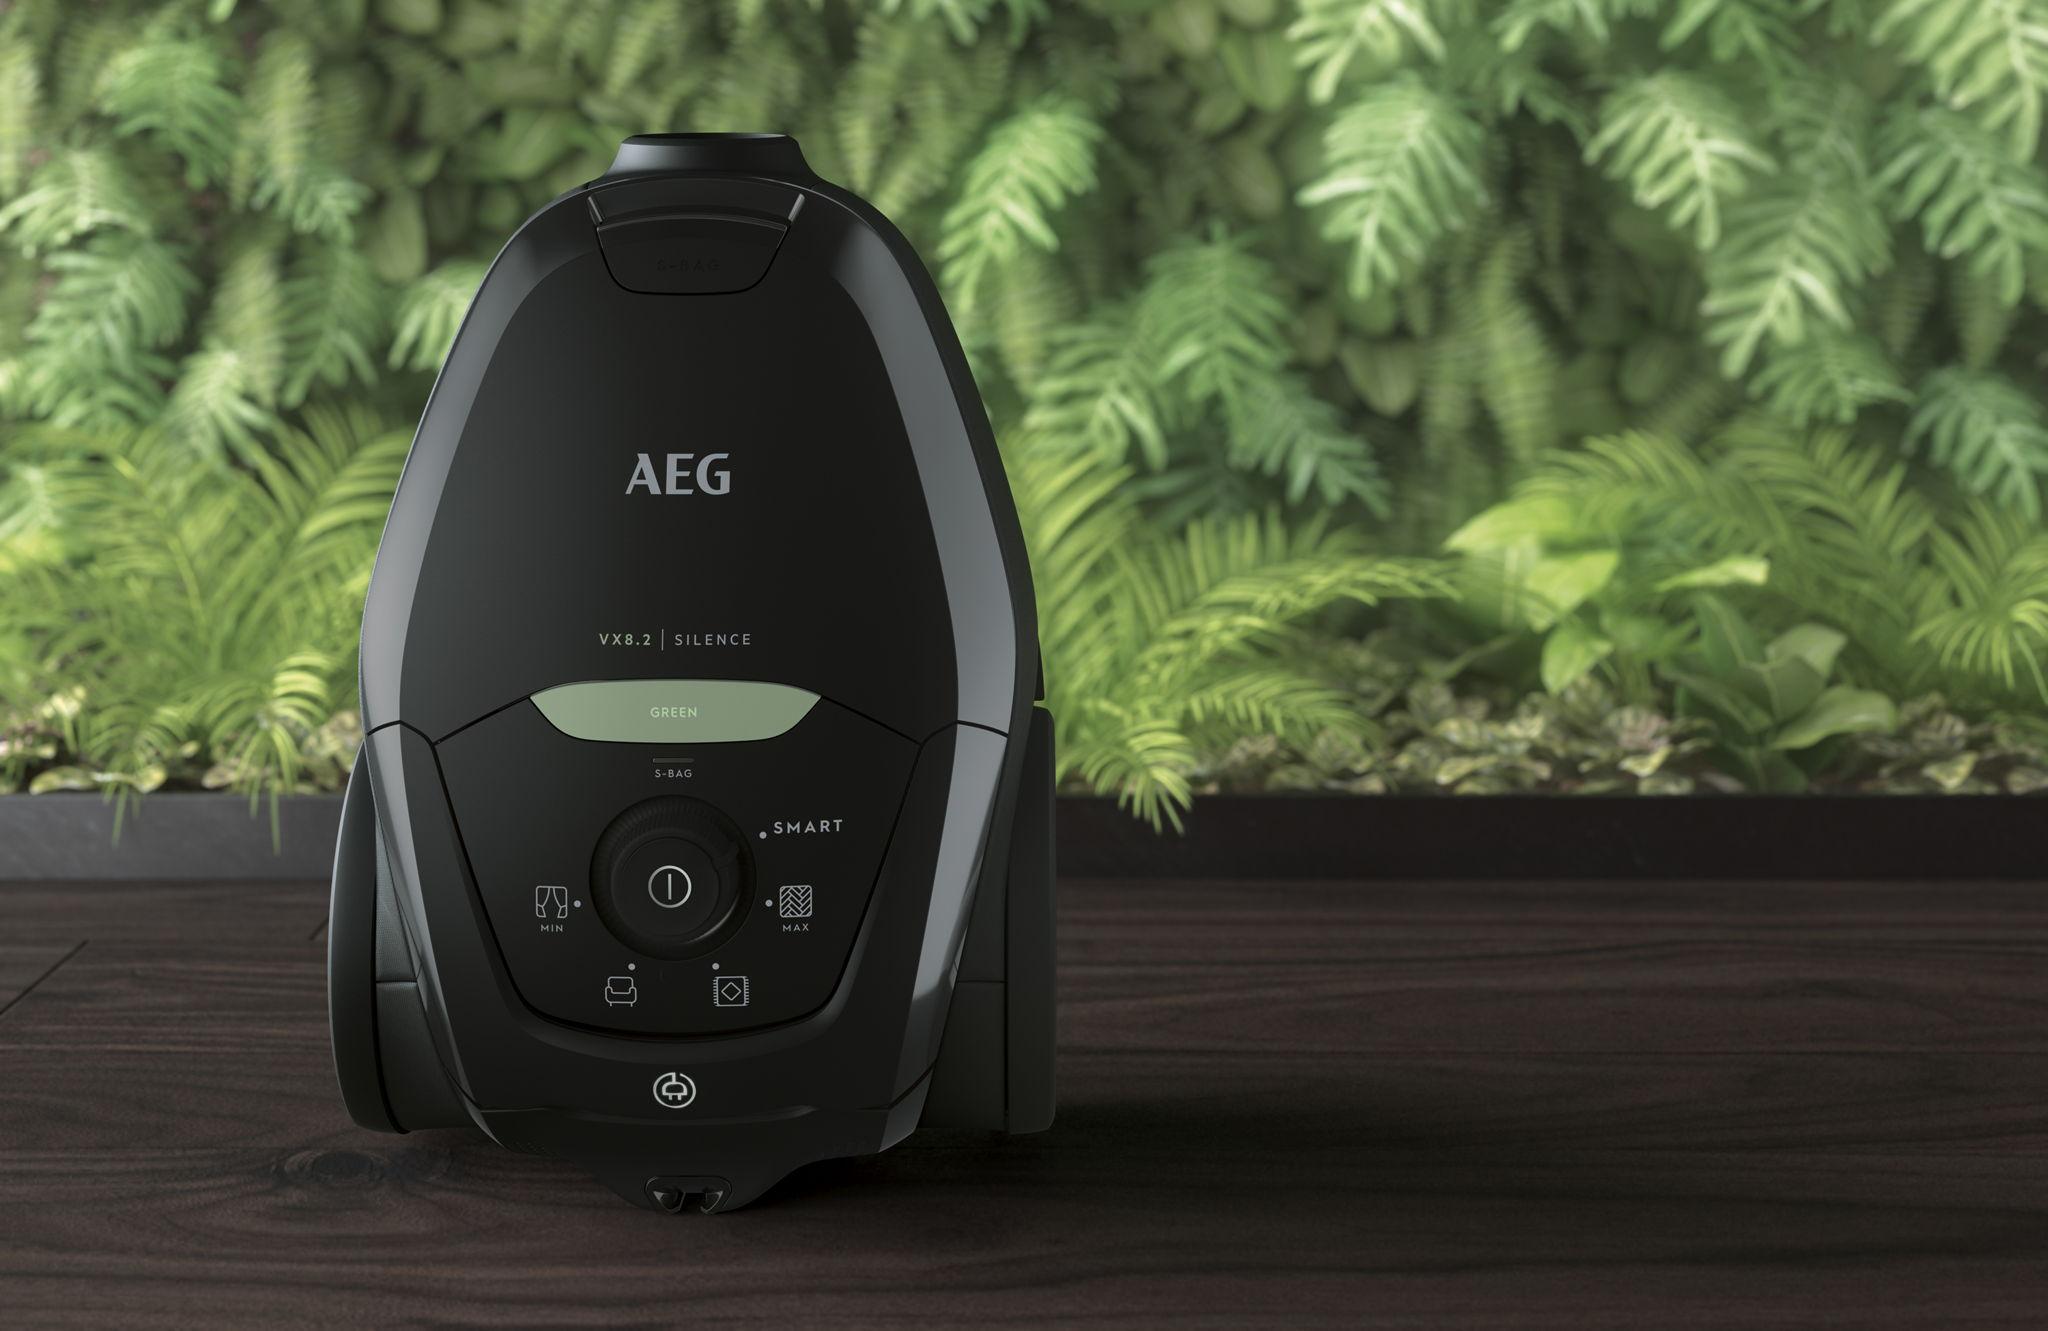 AEG brengt stofzuiger uit 100% gerecycleerde en hergebruikte materialen uit